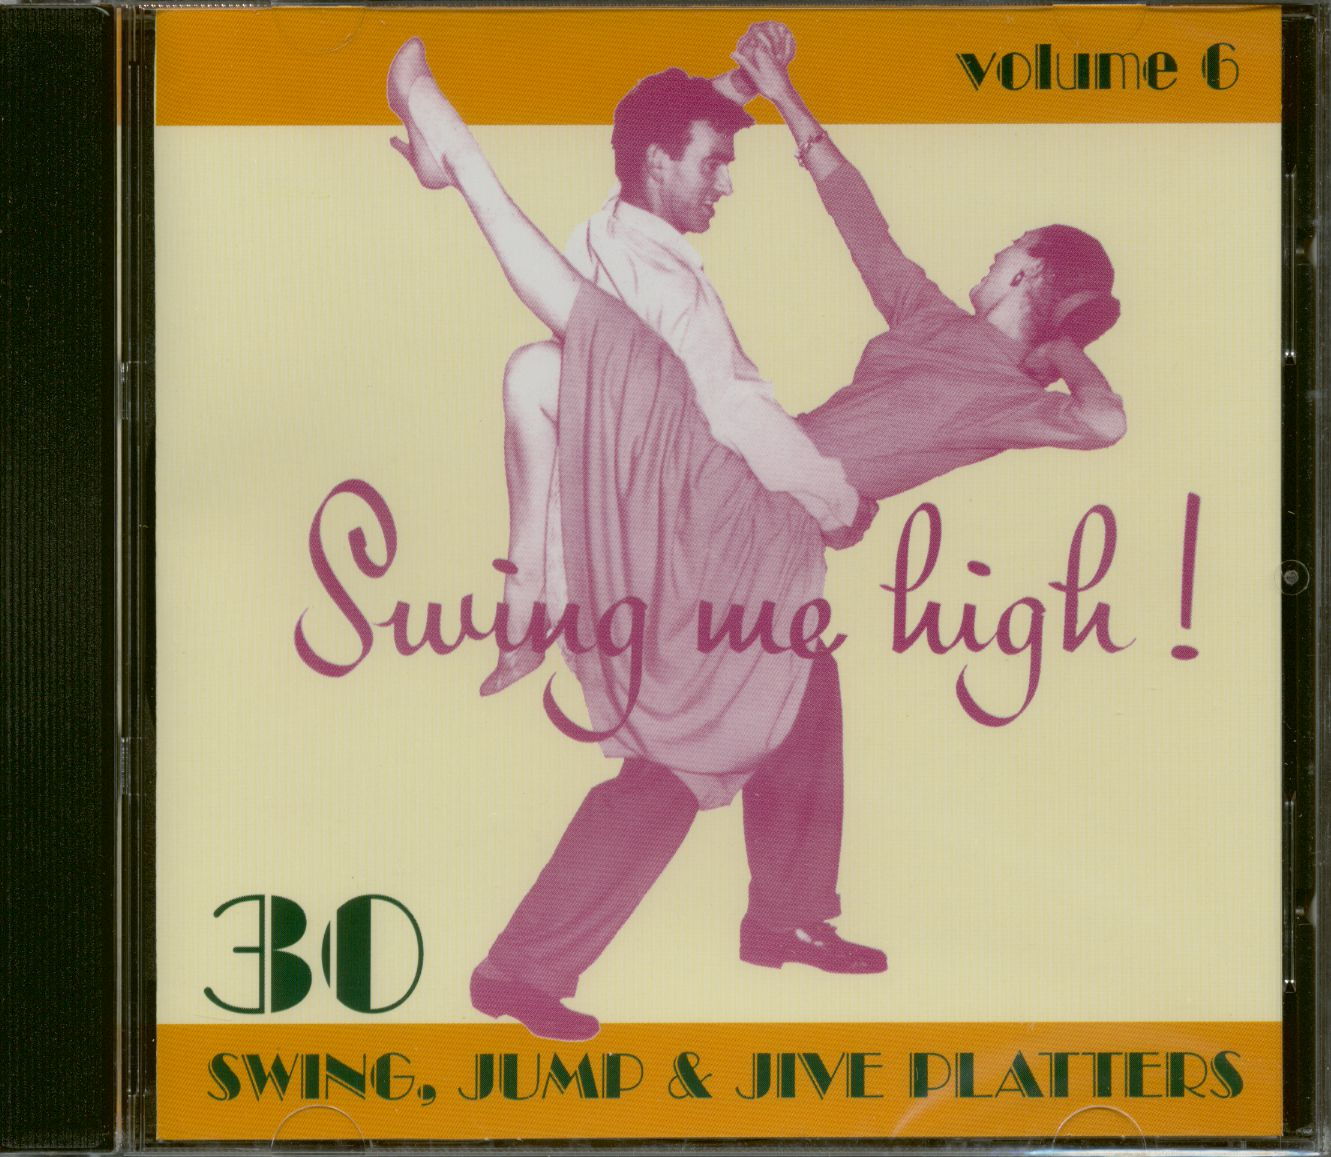 Various Jump Jive and Swing